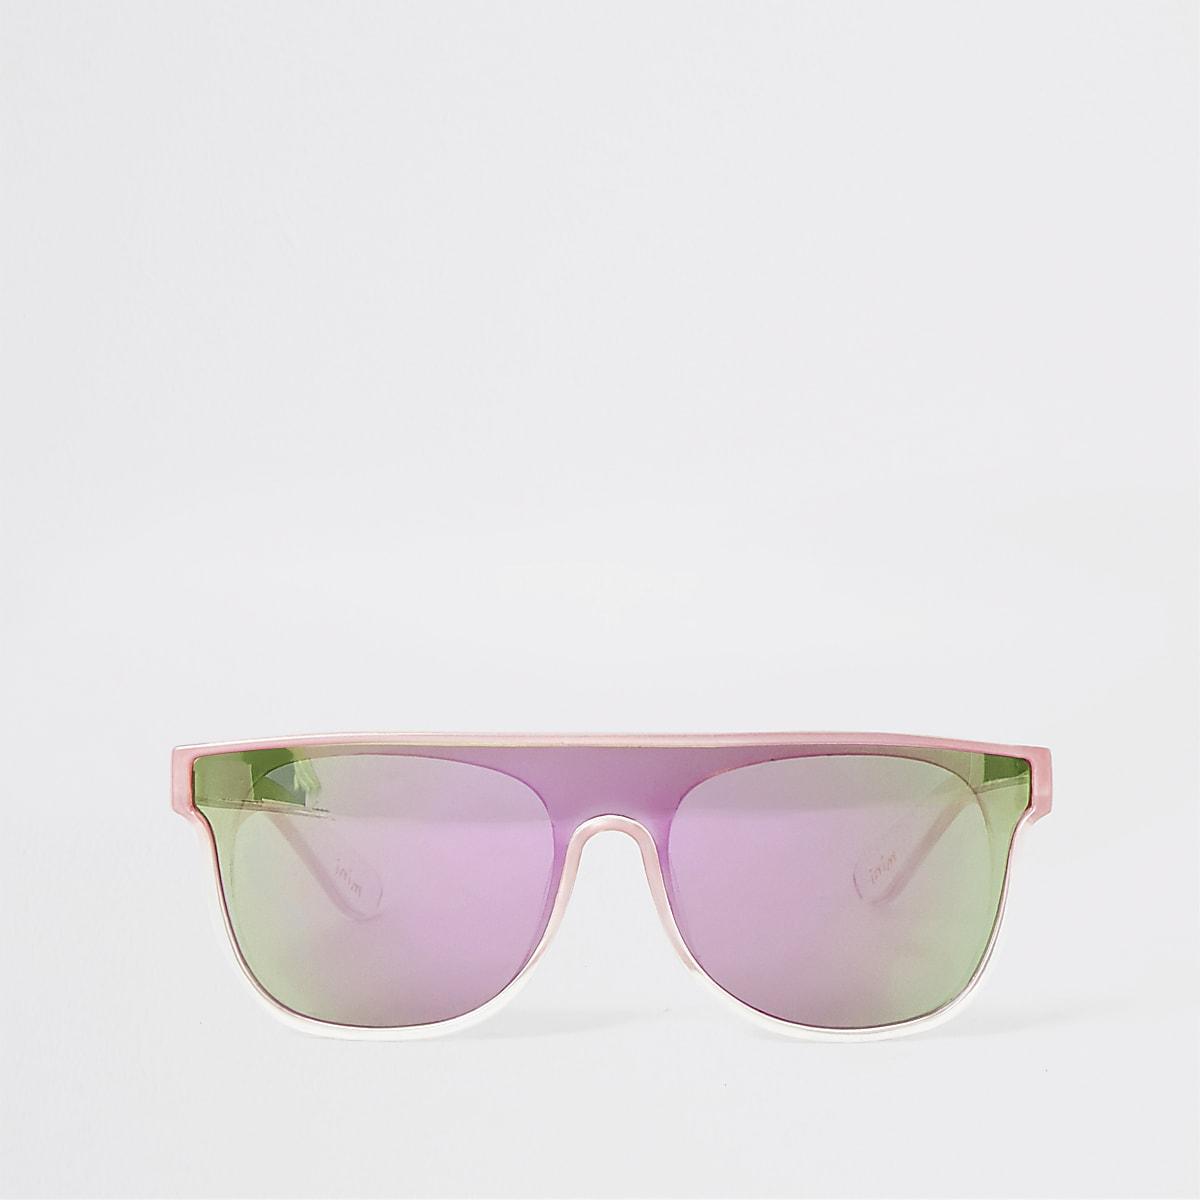 Mini - Roze visor zonnebril voor meisjes